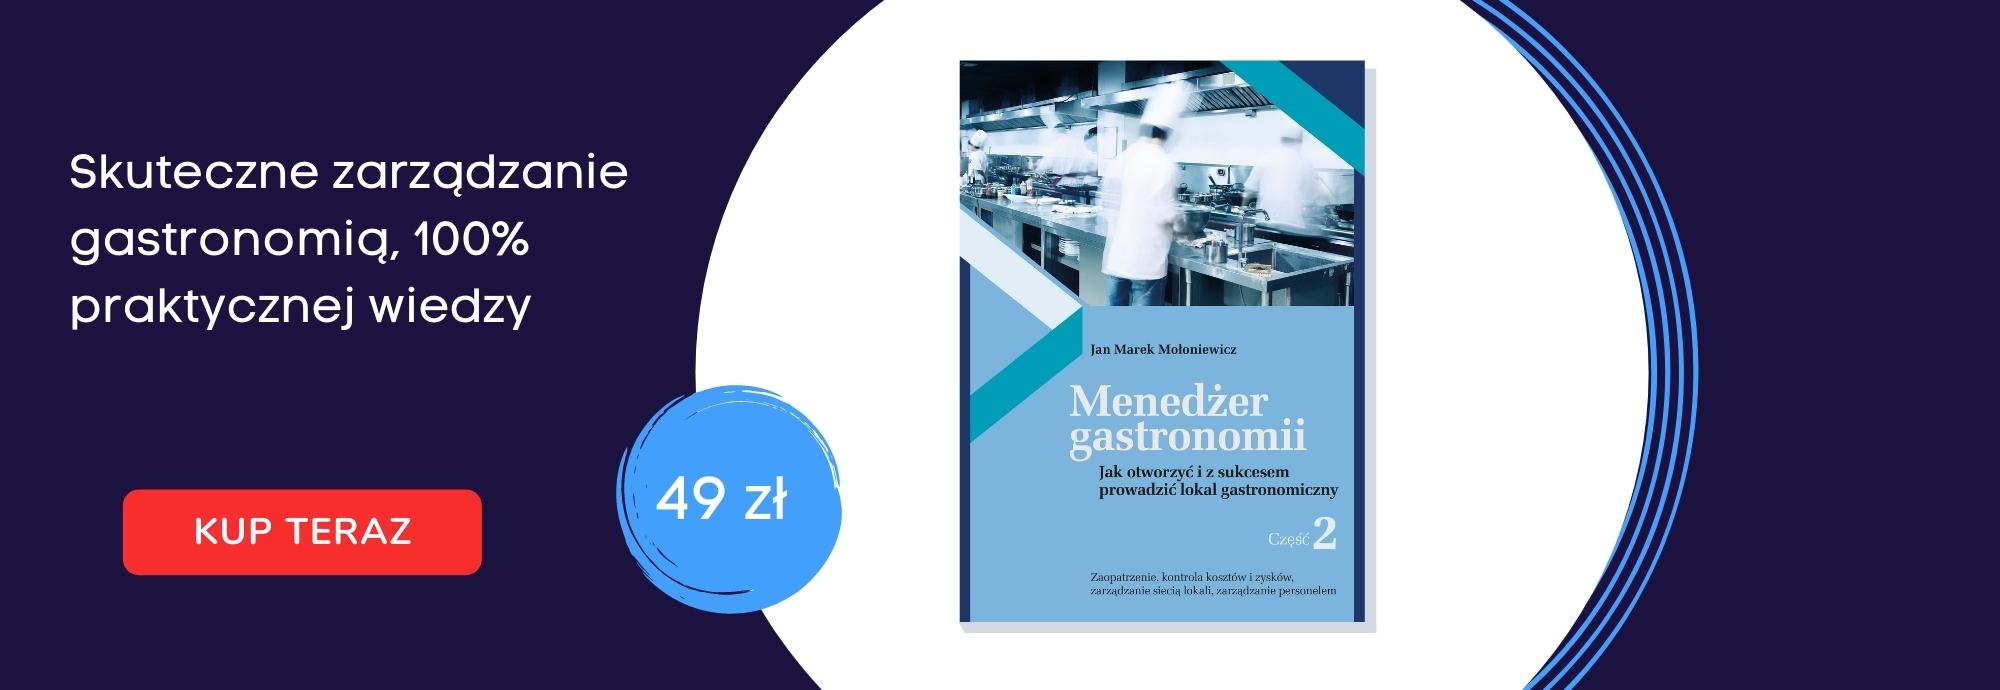 www menedżer gastronomii cz 2